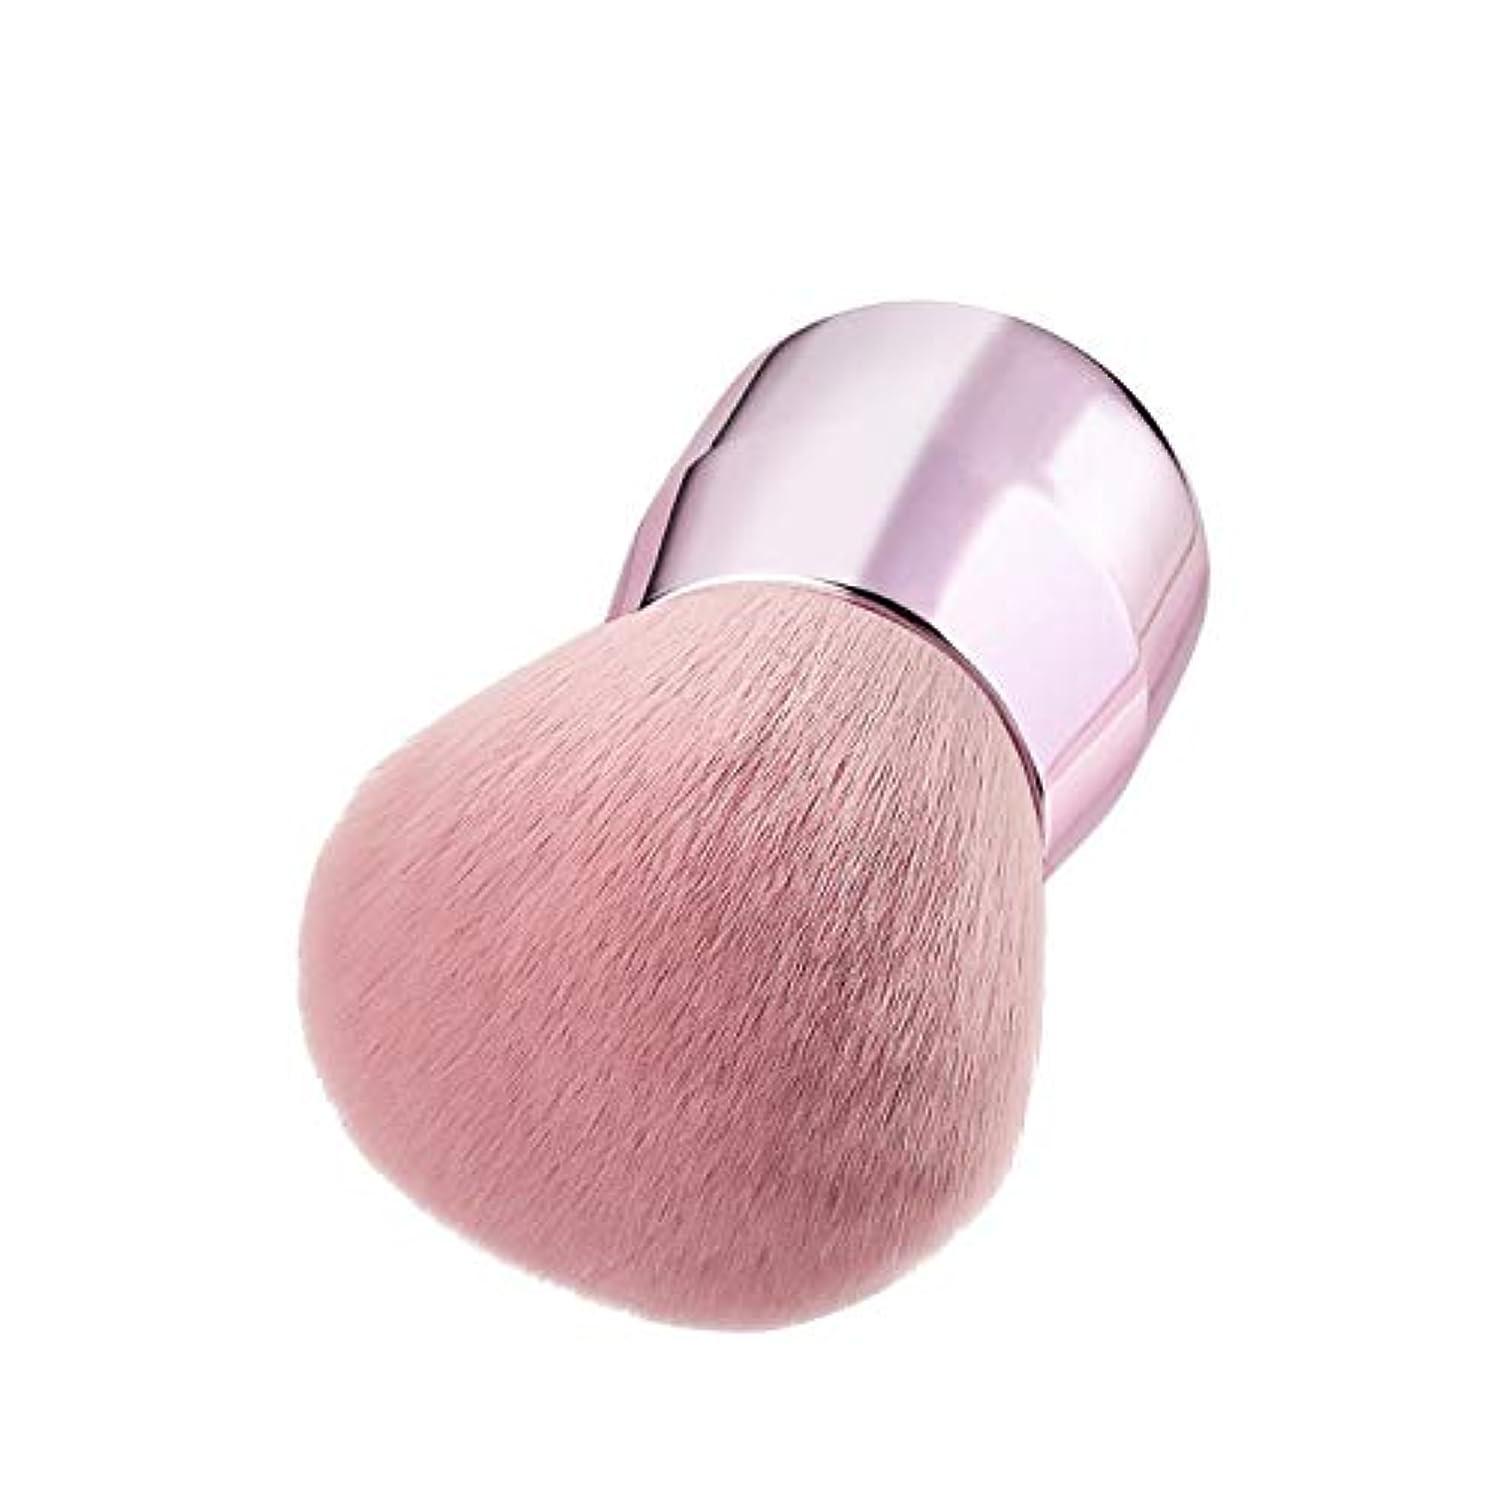 アドバンテージマリナー乳白色CHANGYUXINTAI-HUAZHUANGSHUA ポータブル大化粧ブラシマッシュルームヘッドルースパウダーブラシハニーパウダーメイクアップパウダーブラッシュブラシ1 (Color : Rose Gold)